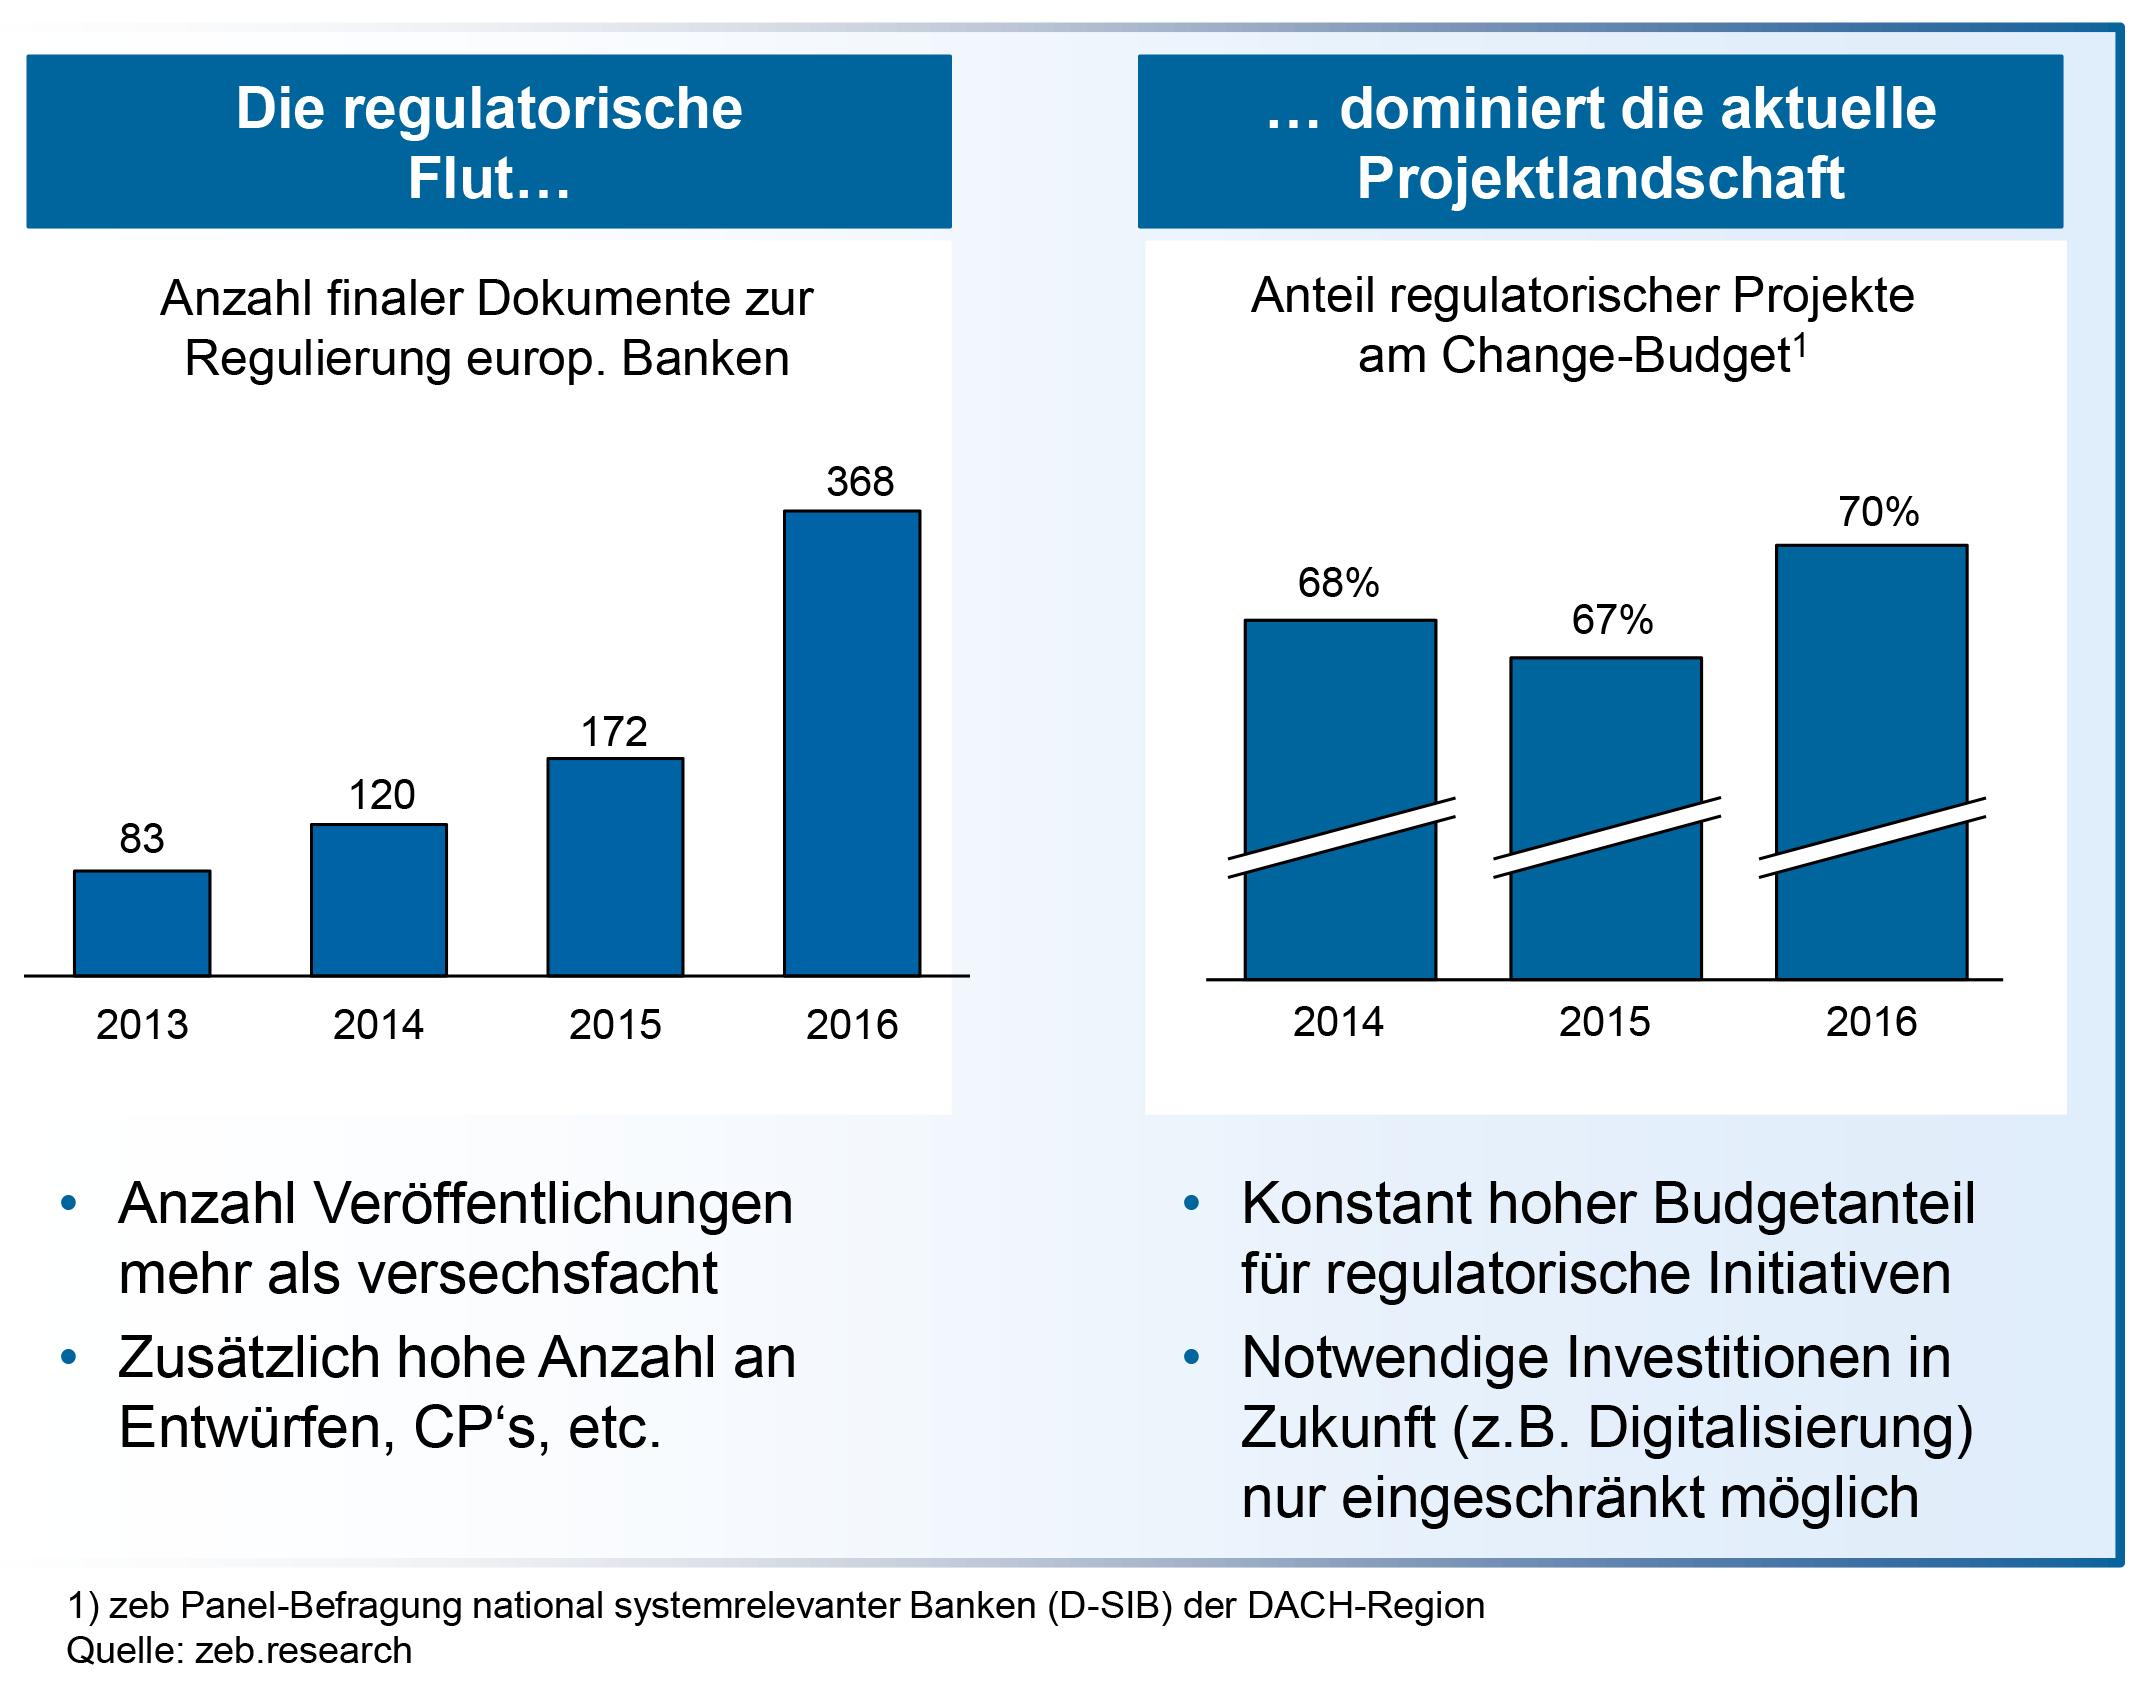 Regulatorische Effizienz: Zehn Schritte zur Überwindung der regulatorischen Tretmühle Regulatorische Entwicklung—Quelle: zeb.research